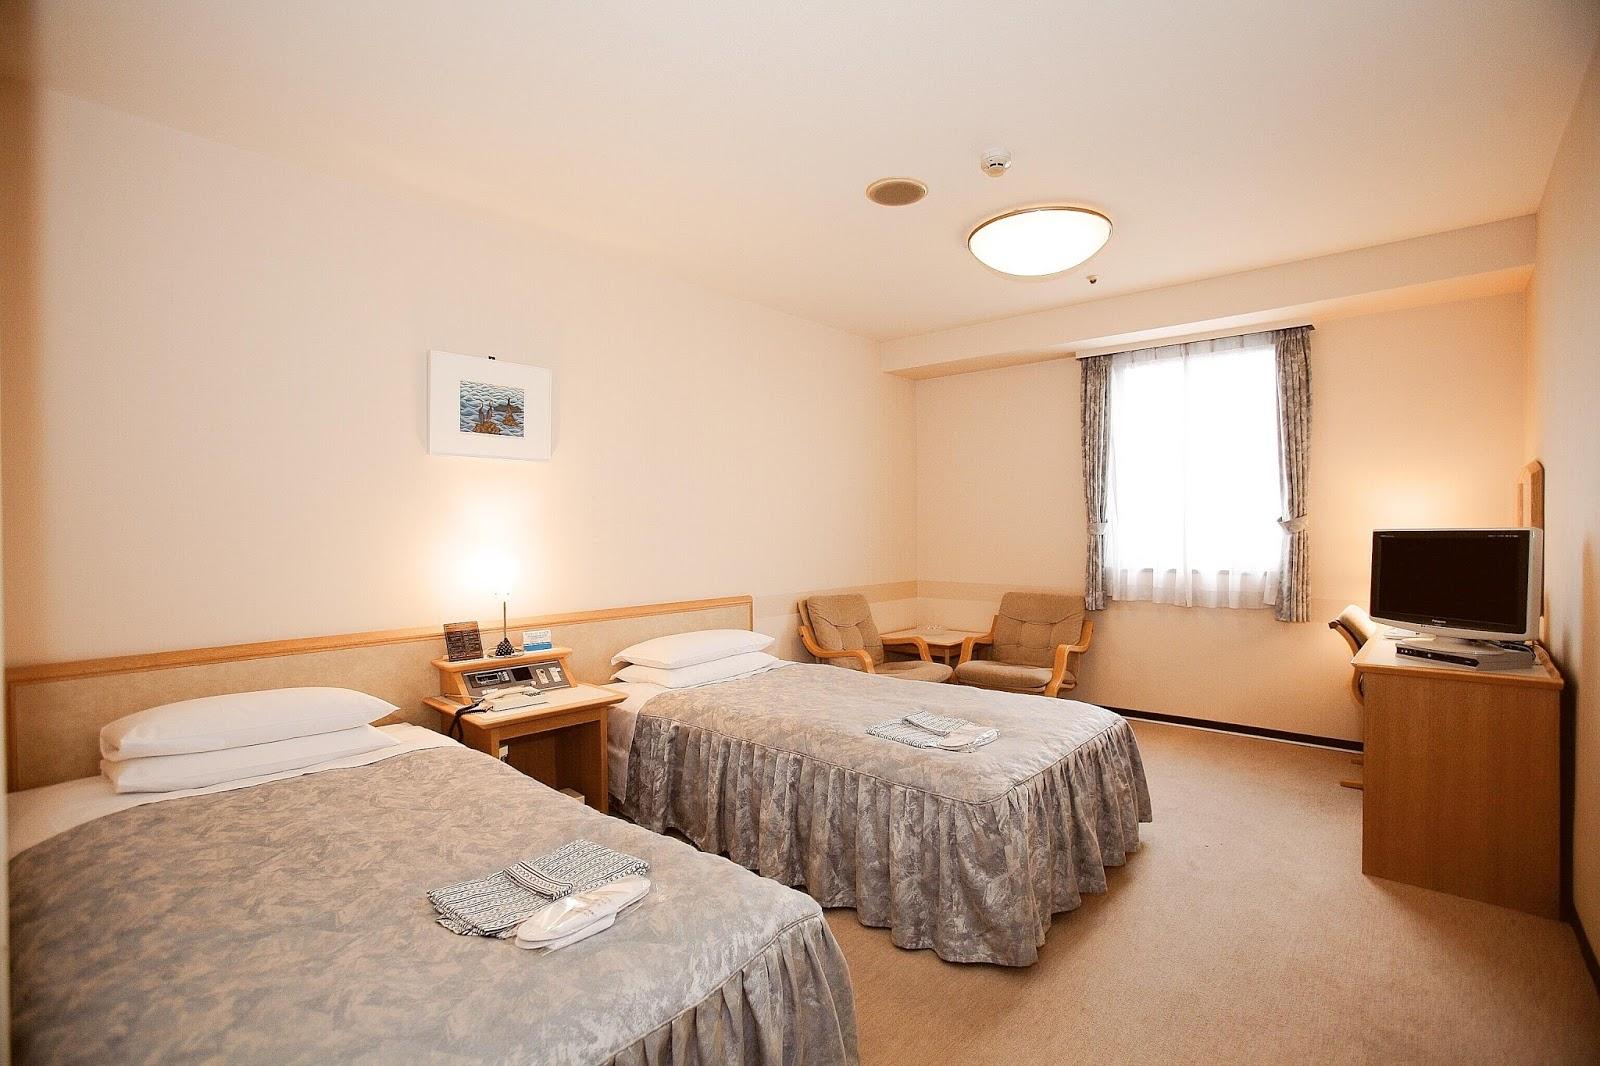 成田前泊で格安ホテルと言えば|成田u-シティホテル